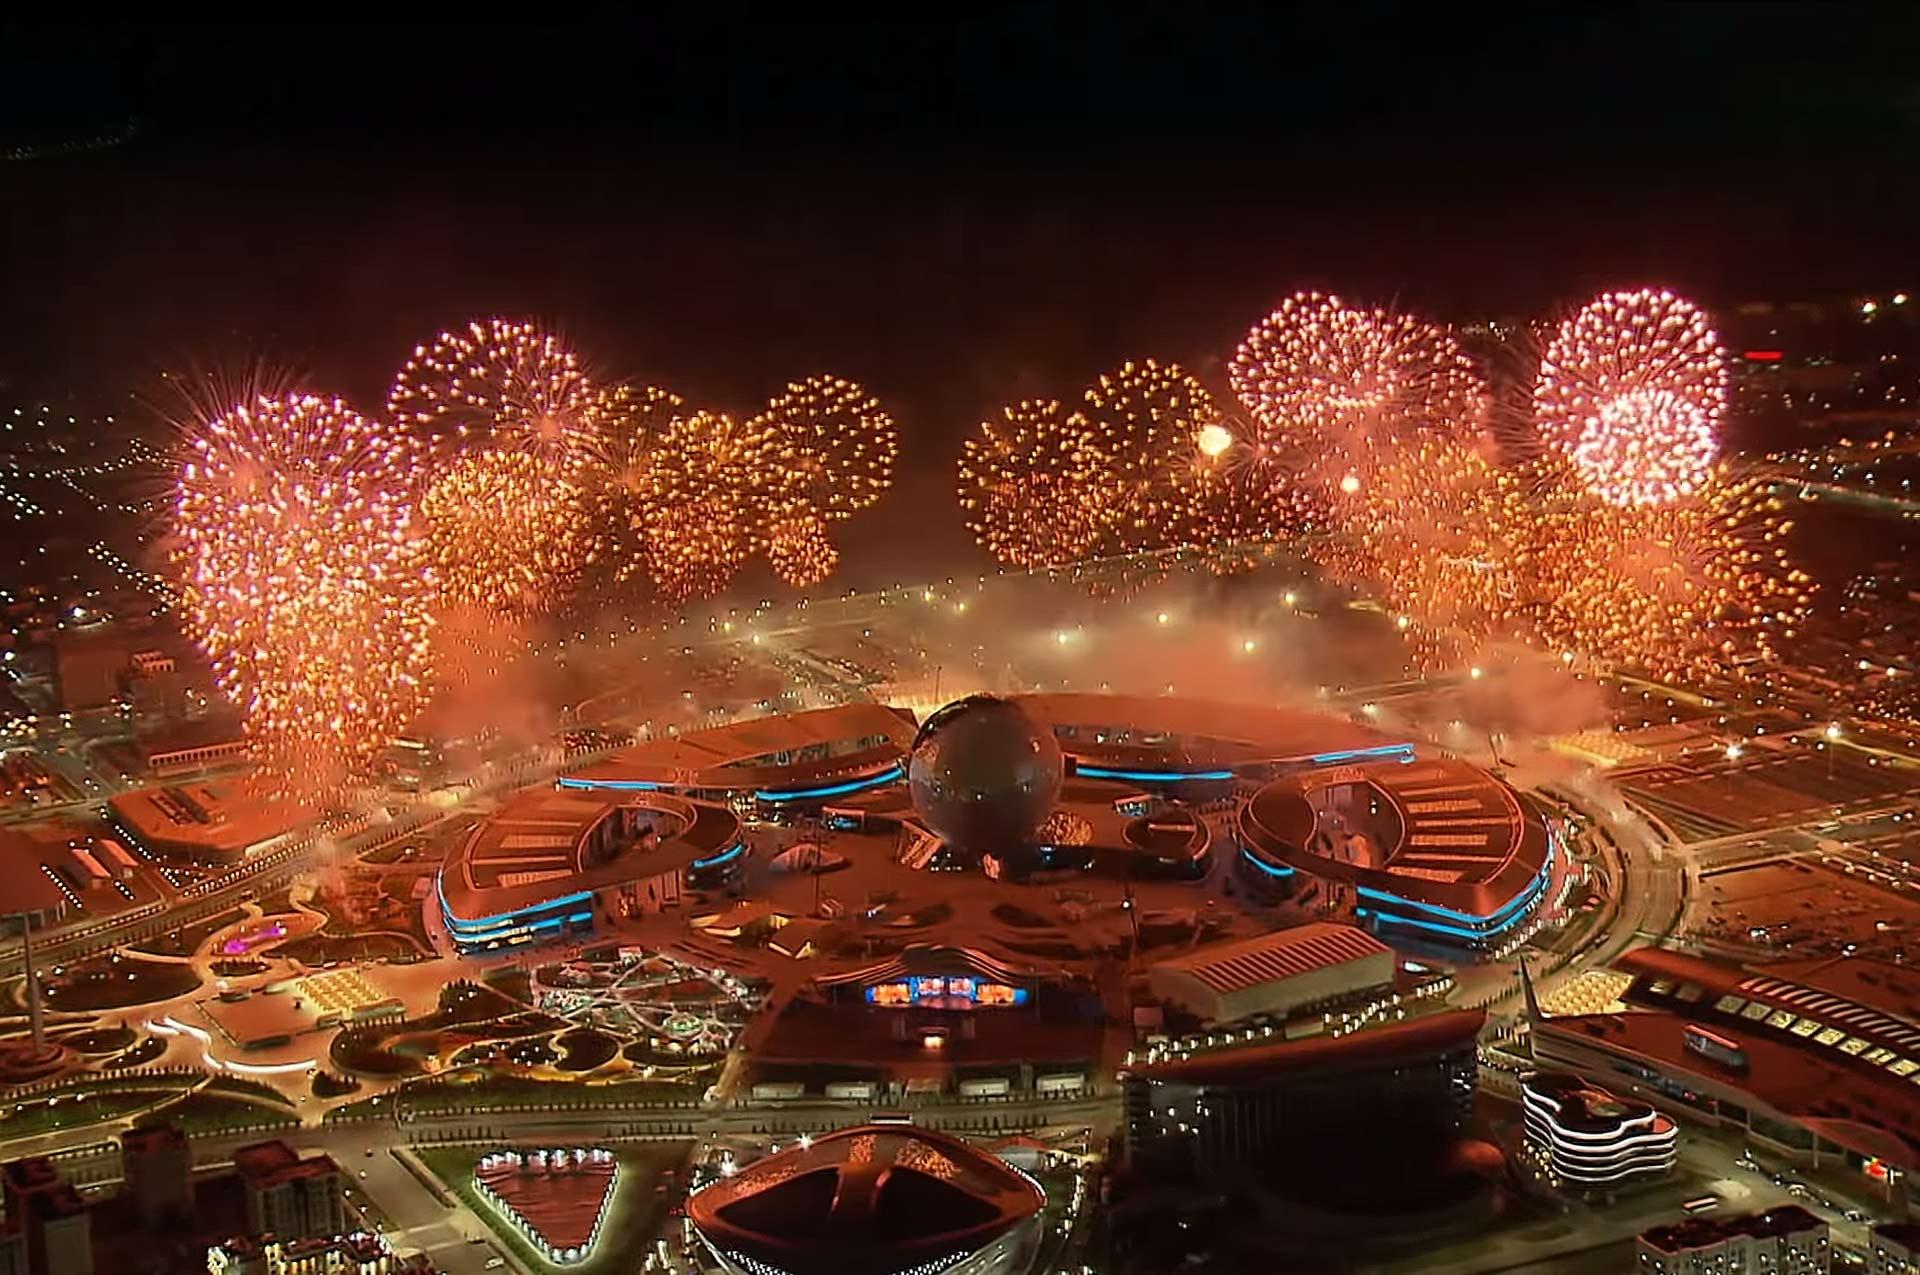 Expo 2017 Opening Ceremony